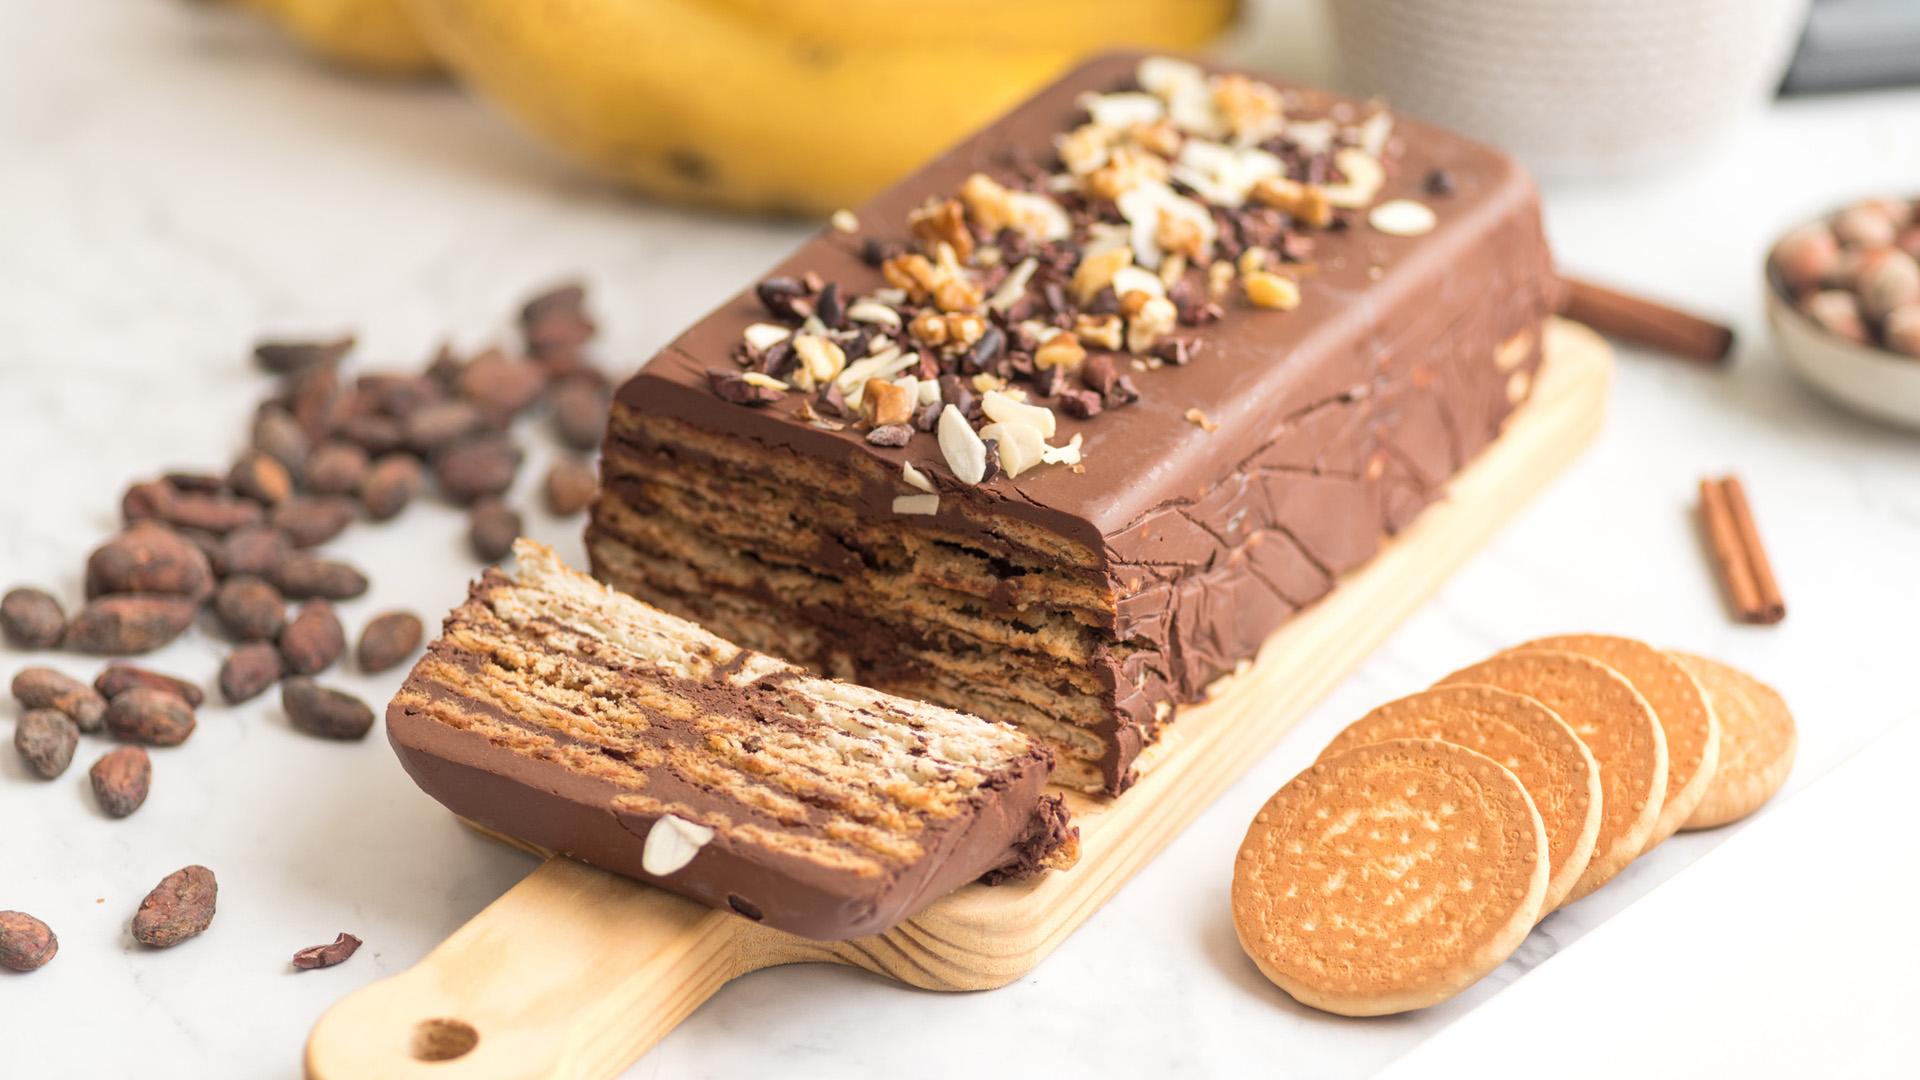 II. Erzsébet kedvence: a csokoládés keksztorta